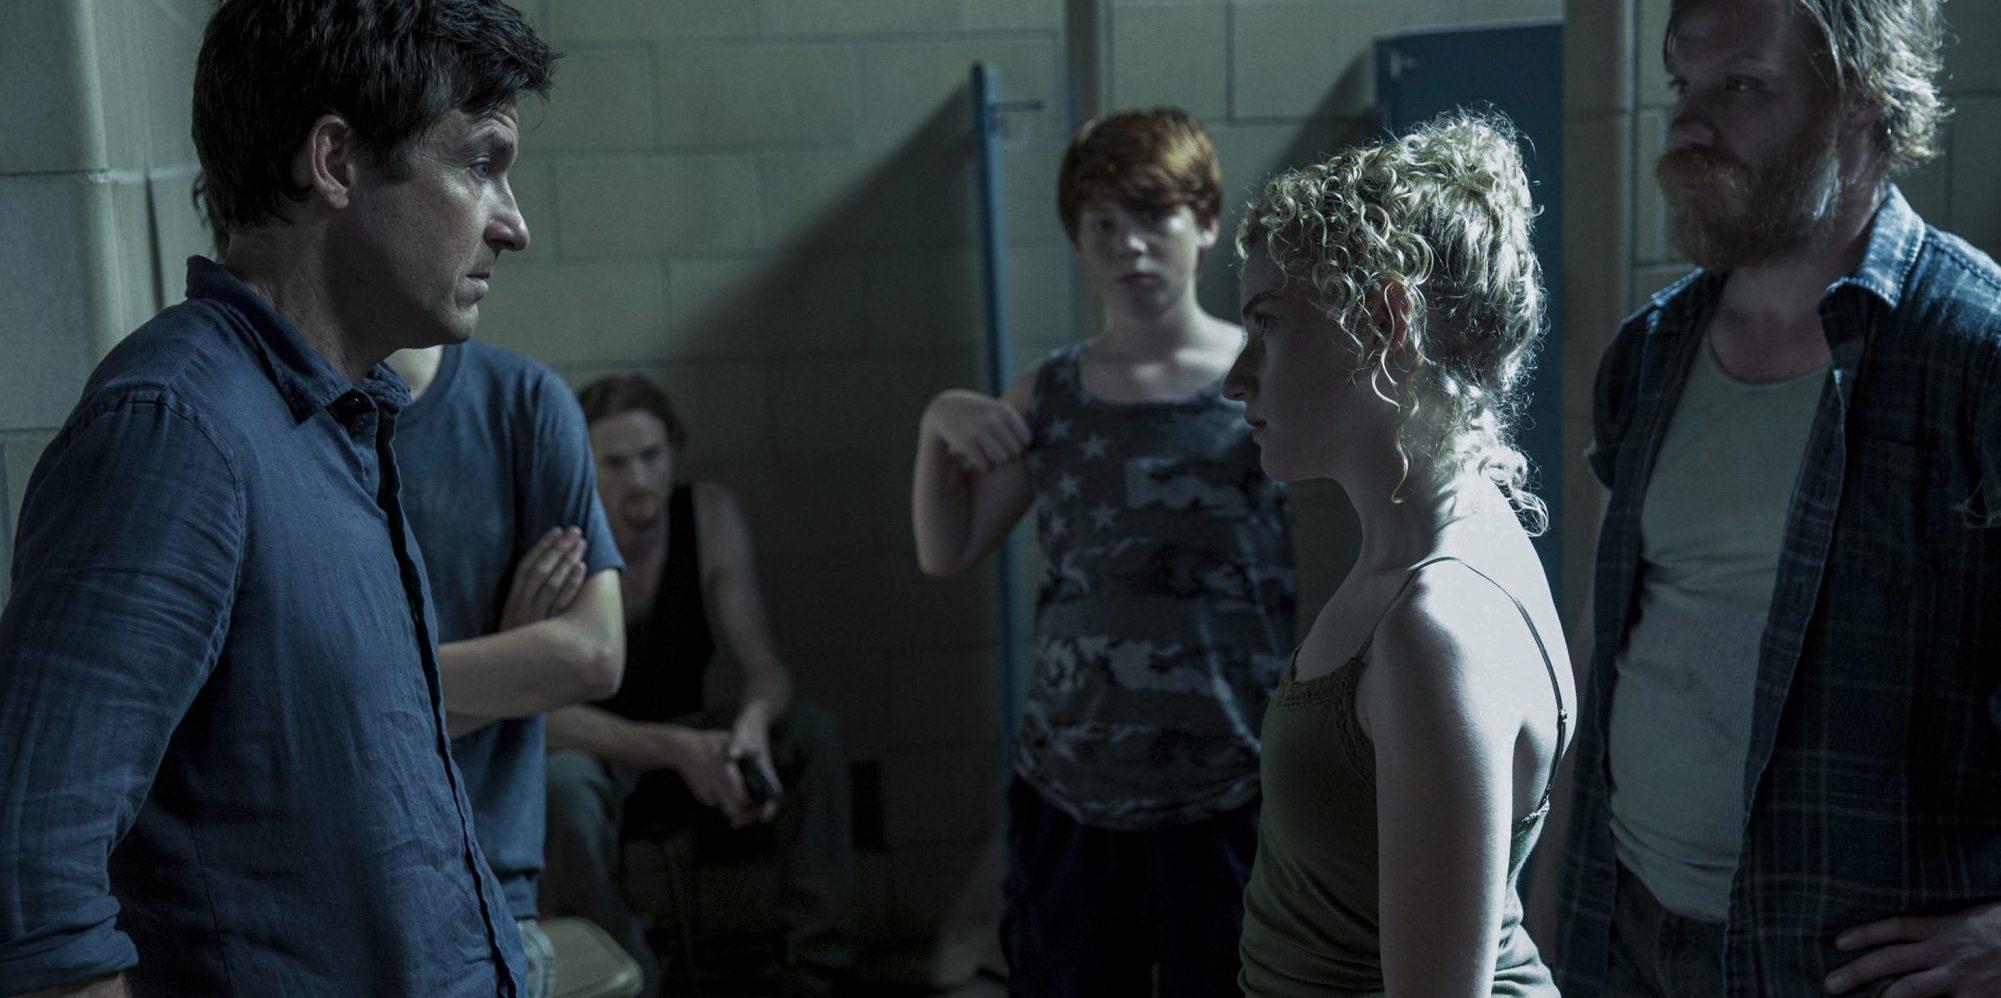 Netflix'in Jason Bateman İmzalı Yeni Dizisi Ozark'tan Merak Uyandıran Bir Klip Yayınladı